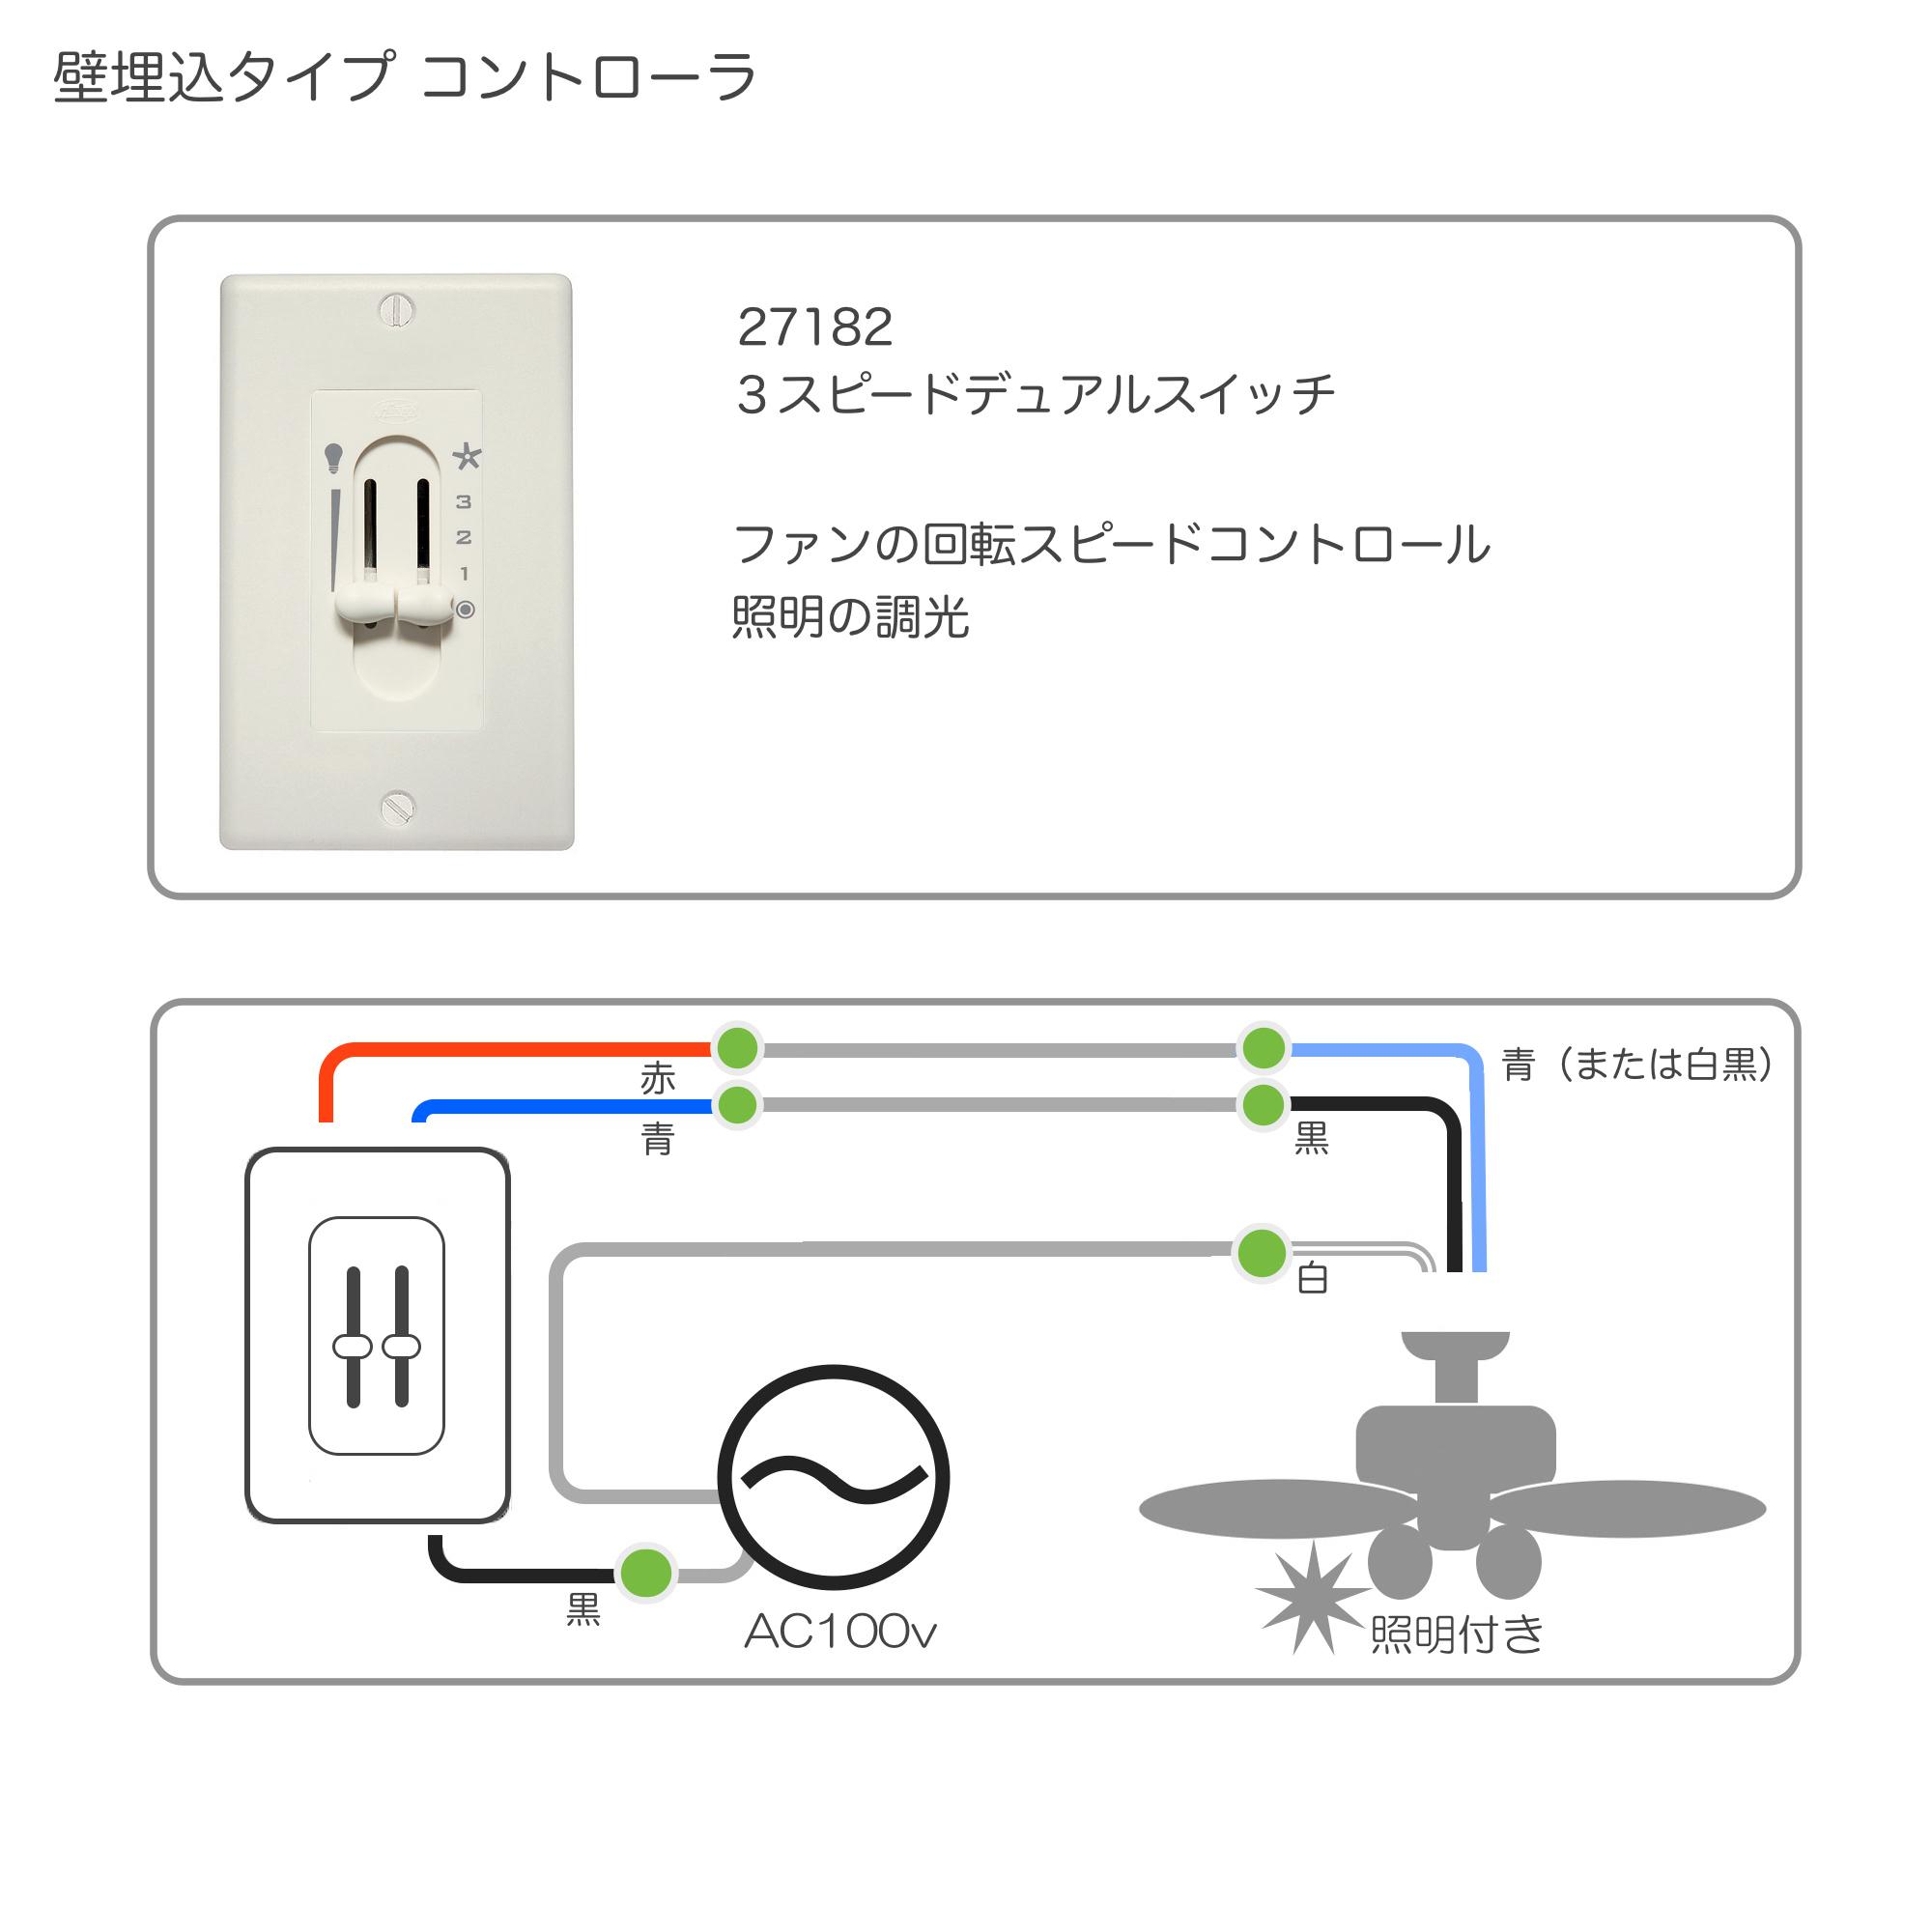 3スピードデュアルスイッチ(回転スピード切替・照明調光) - 画像1